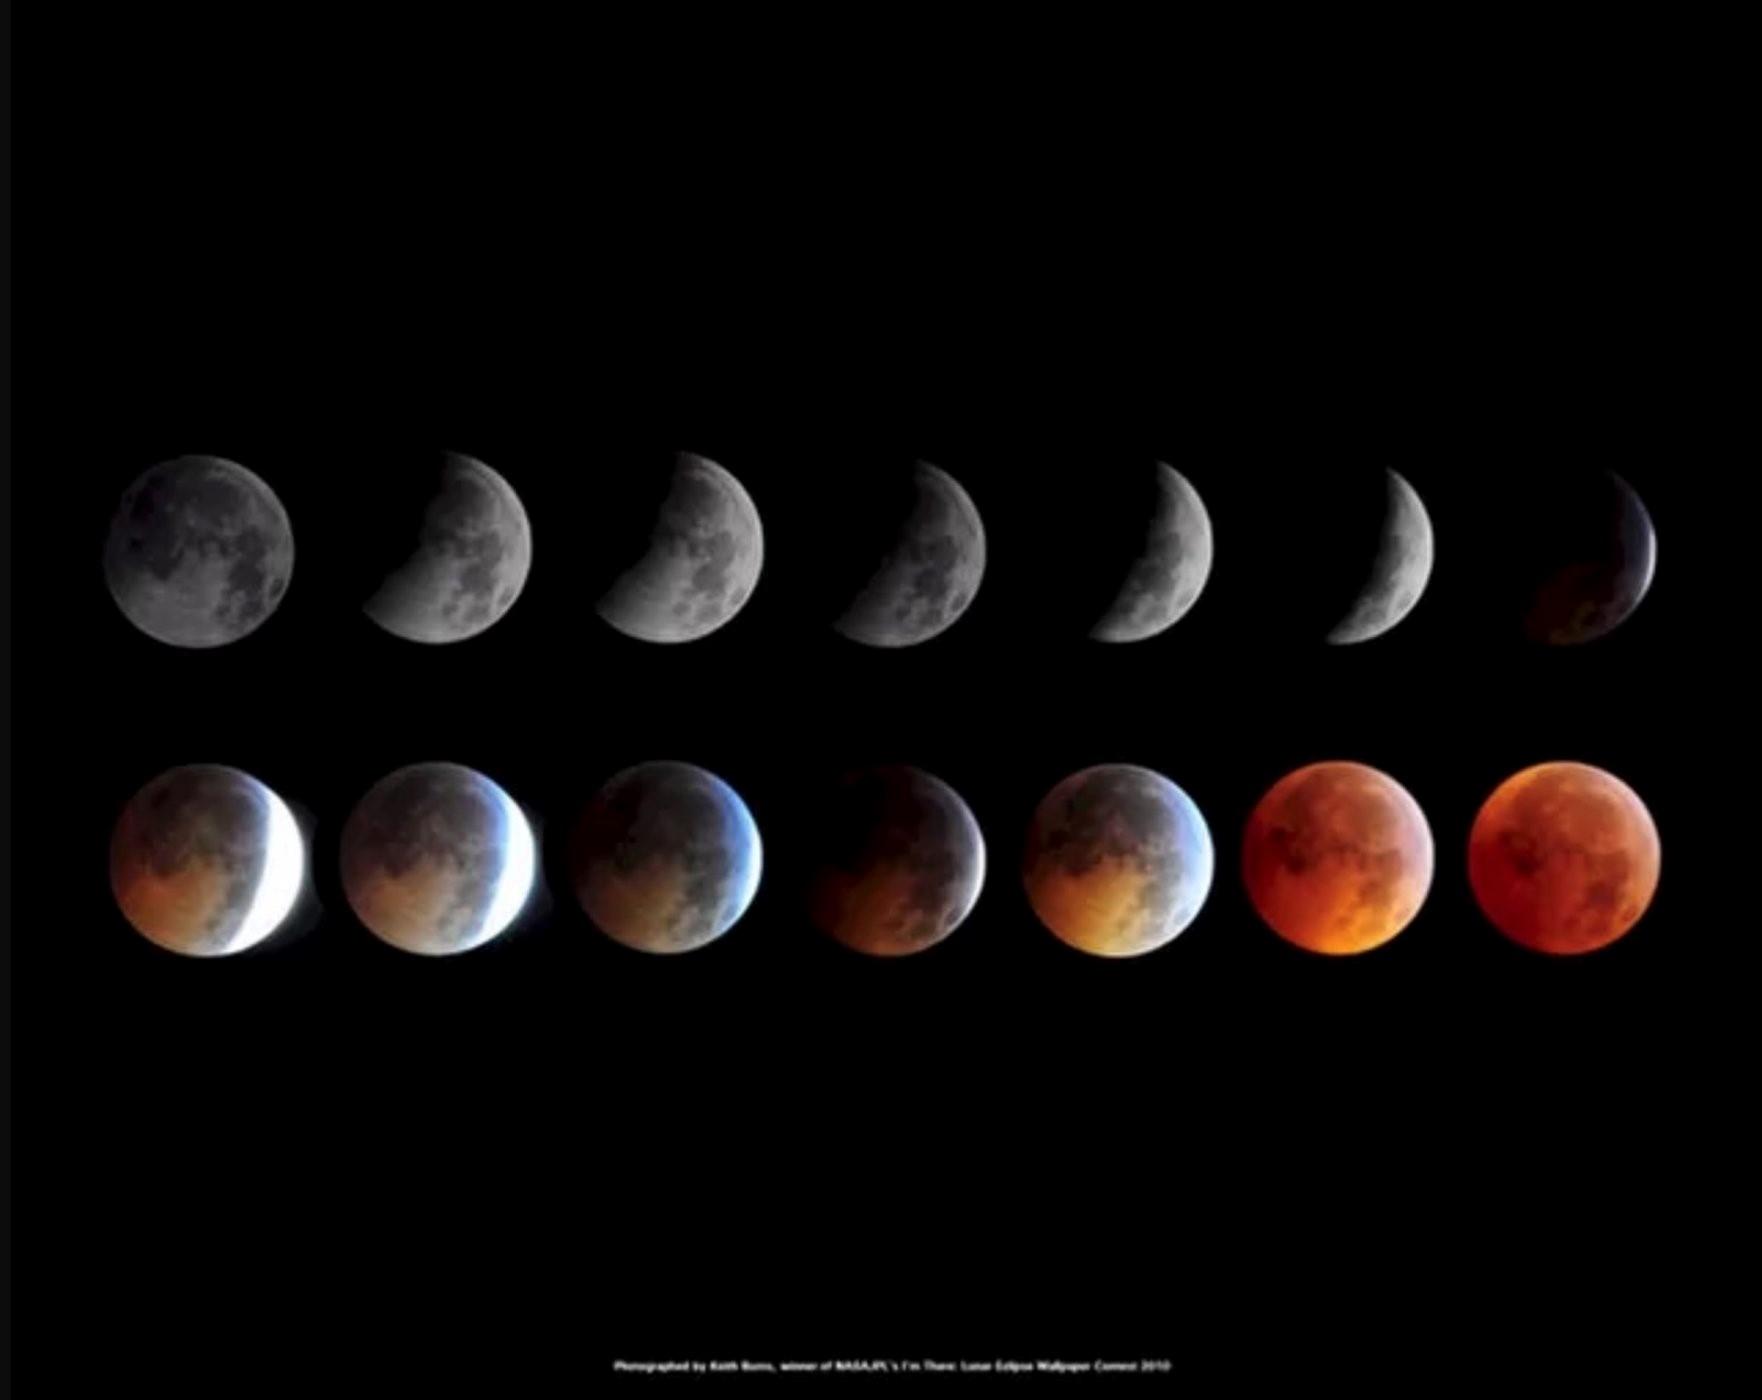 القمر العملاق، والقمر الدامي، وخسوف القمر الكلي